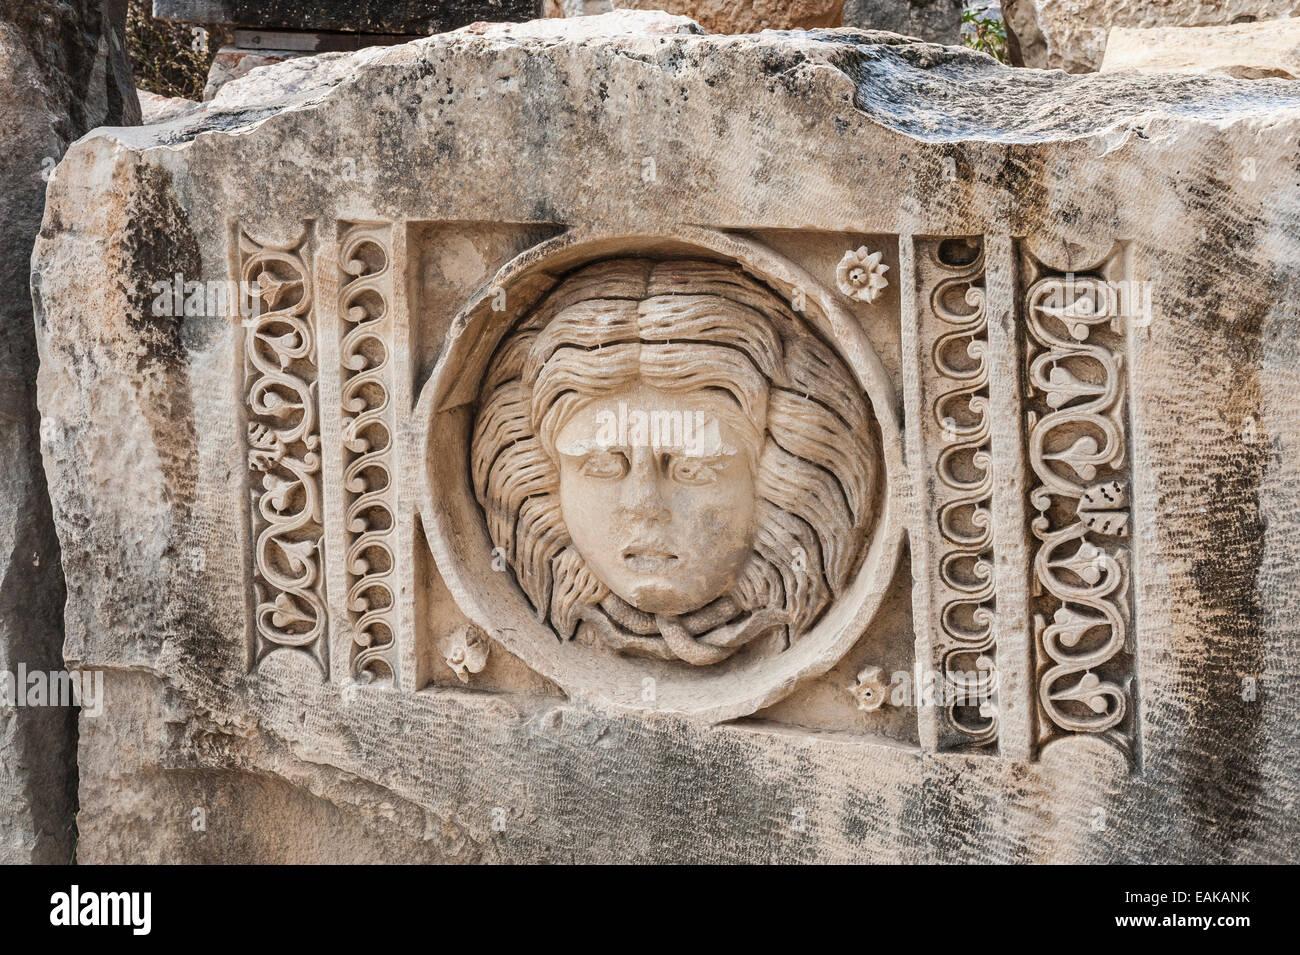 Alivio en el bloque de piedra del anfiteatro romano, la antigua ciudad de Myra, Demre, provincia de Antalya, Turquía Imagen De Stock